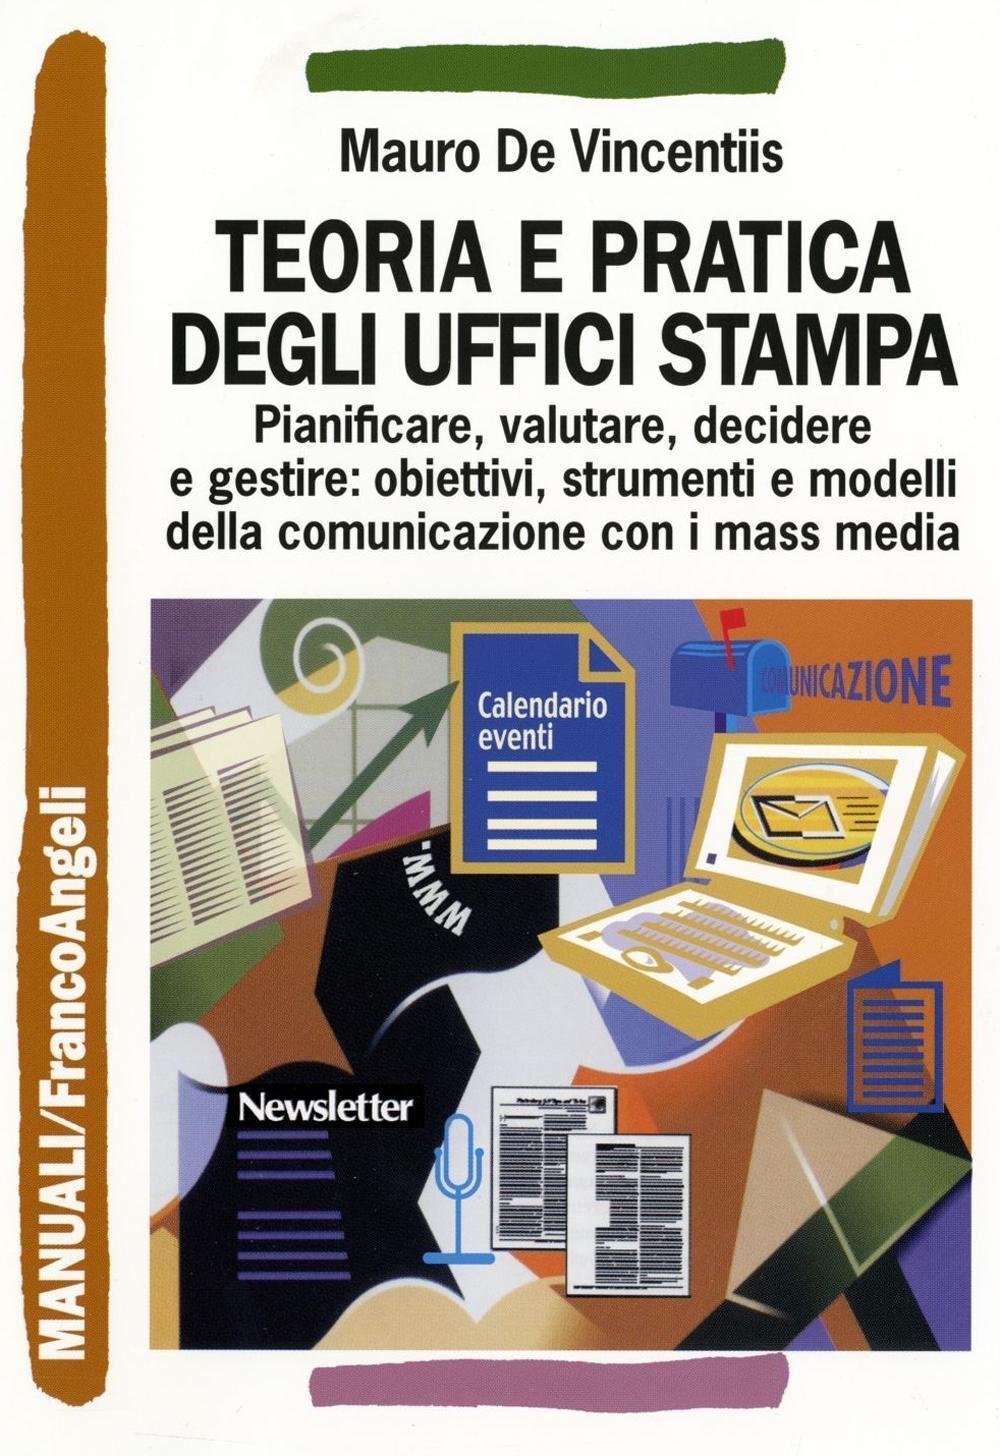 Teoria e pratica degli uffici stampa. Pianificare, valutare, decidere e gestire: obiettivi, strumenti e modelli della comunicazione con i mass media